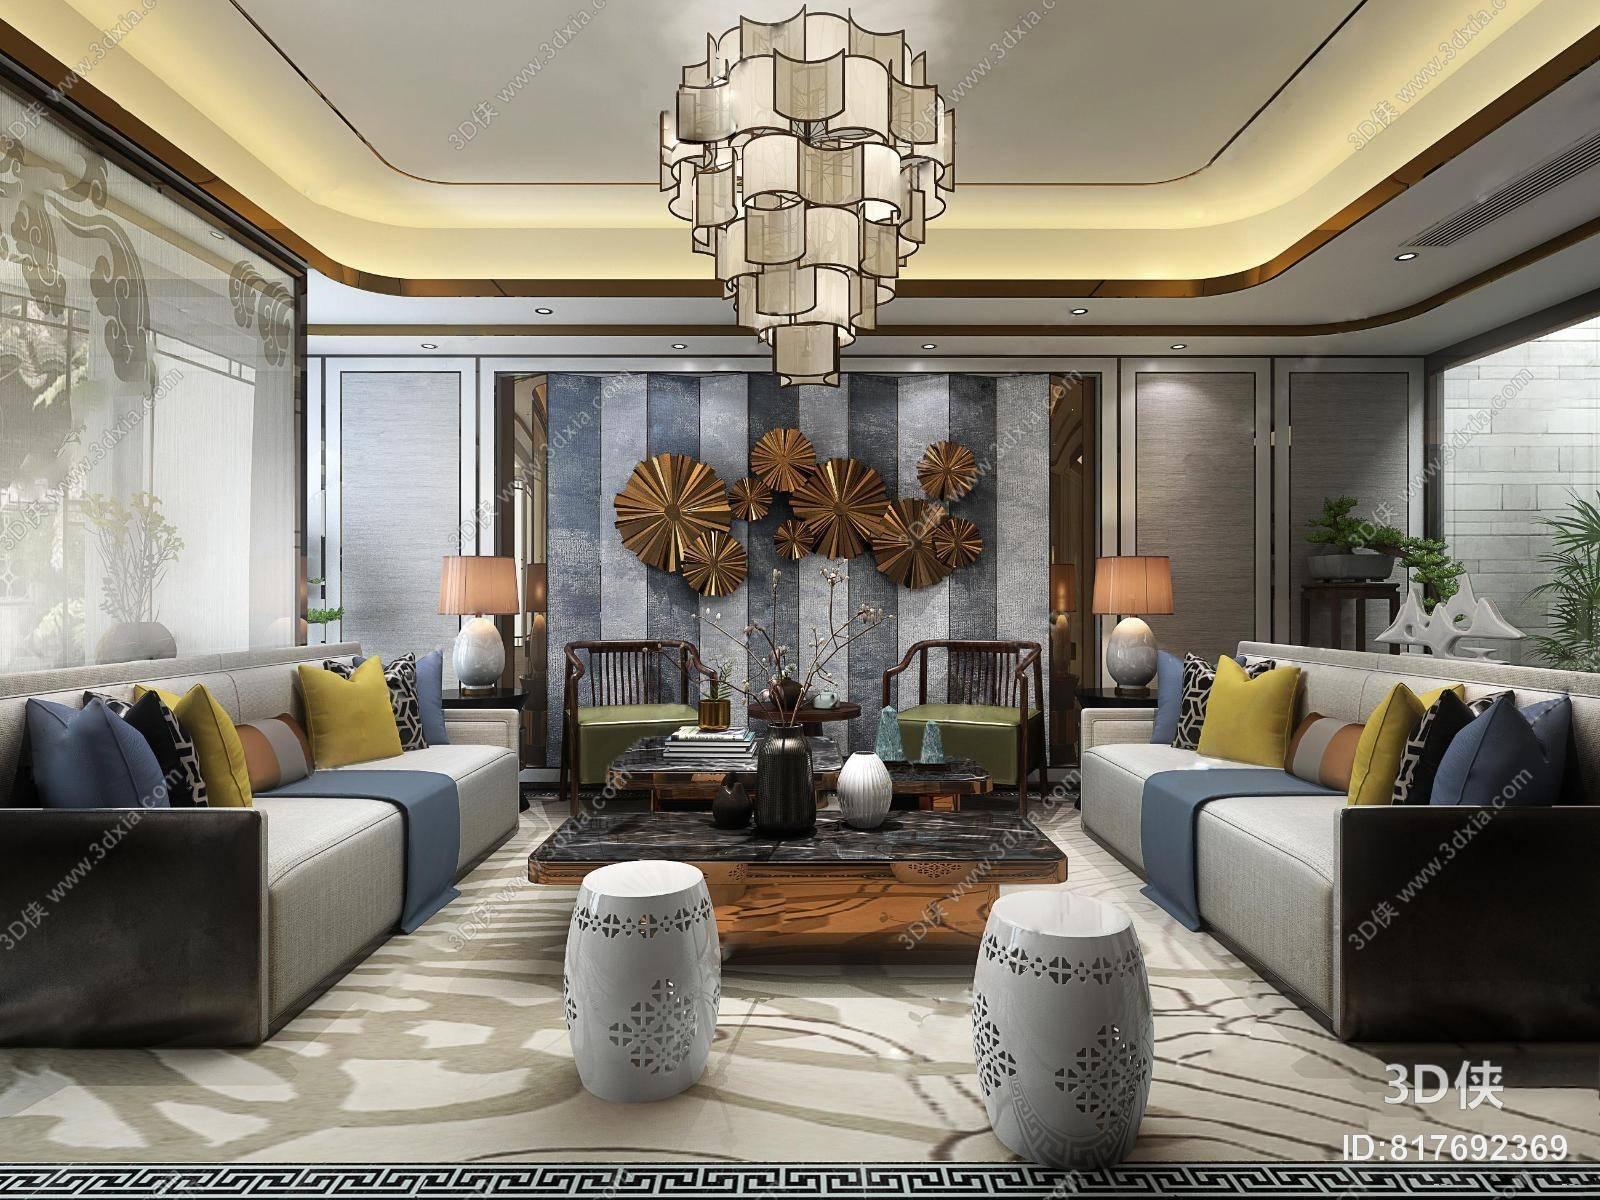 新中式复式客厅餐厅过道 吊灯 台灯 圆凳子 多人沙发 茶几 装饰柜 摆件 花瓶 过道 单人椅子 装饰物